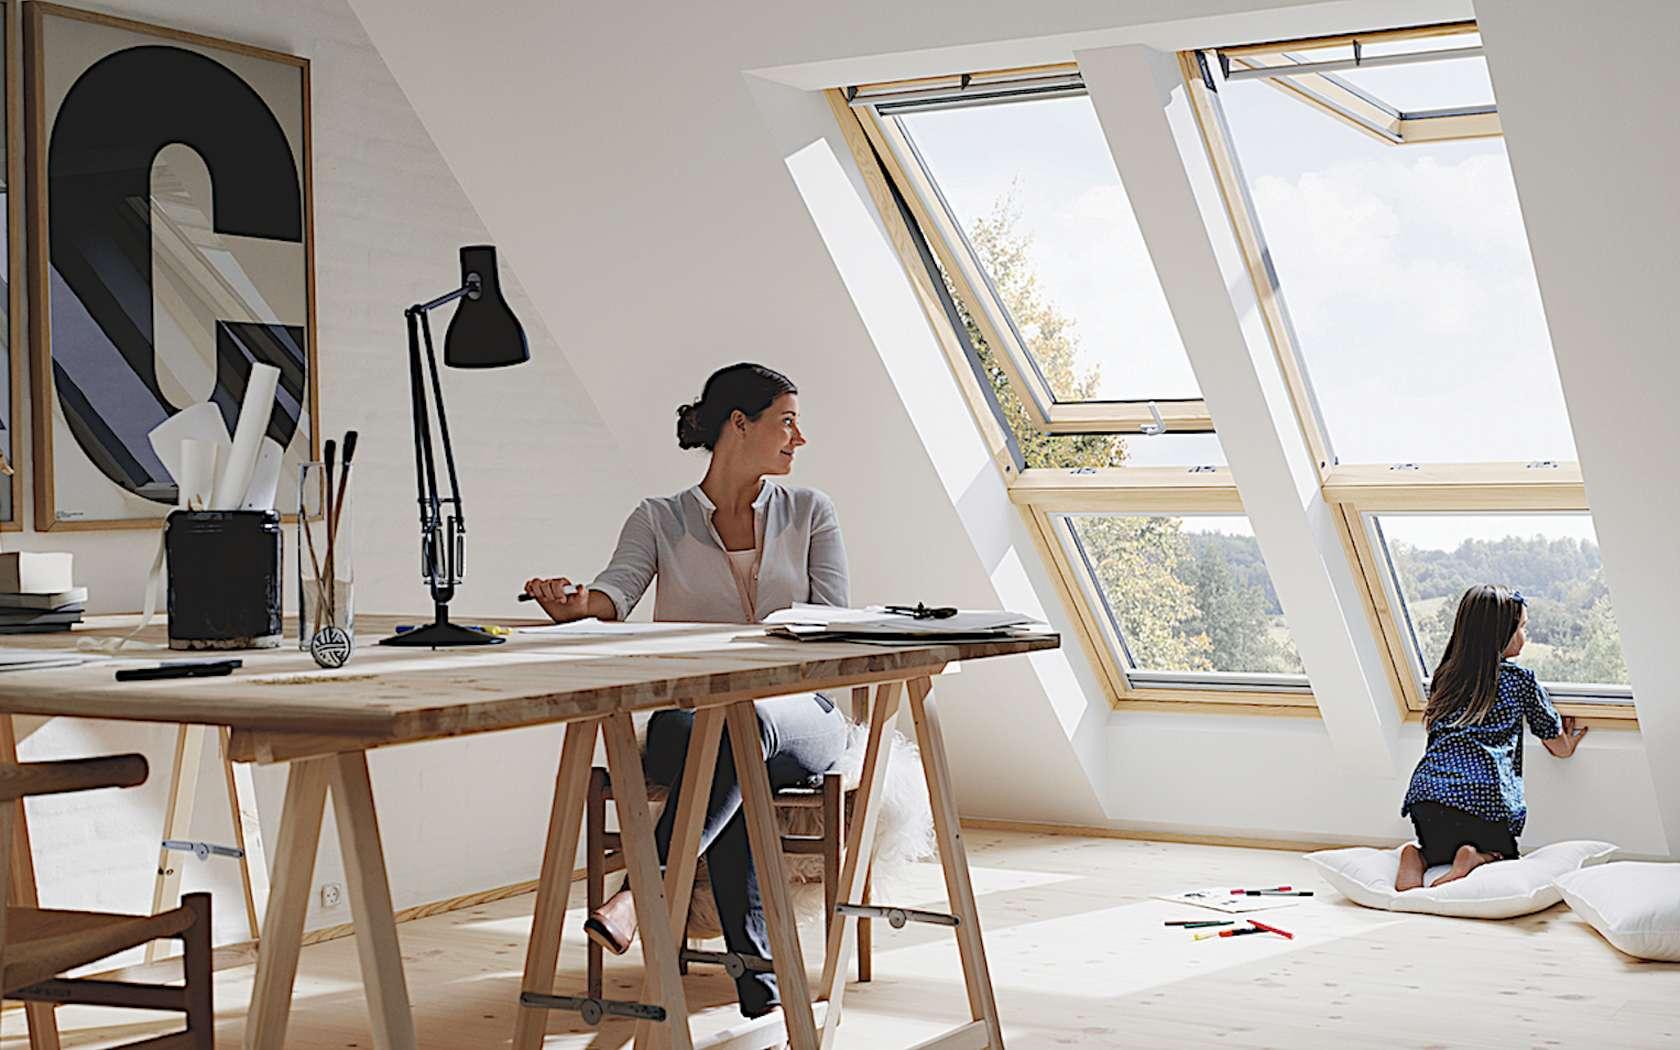 Il existe des fenêtres de toit à ouverture manuelle ou motorisée, à rotation ou à projection. © Velux